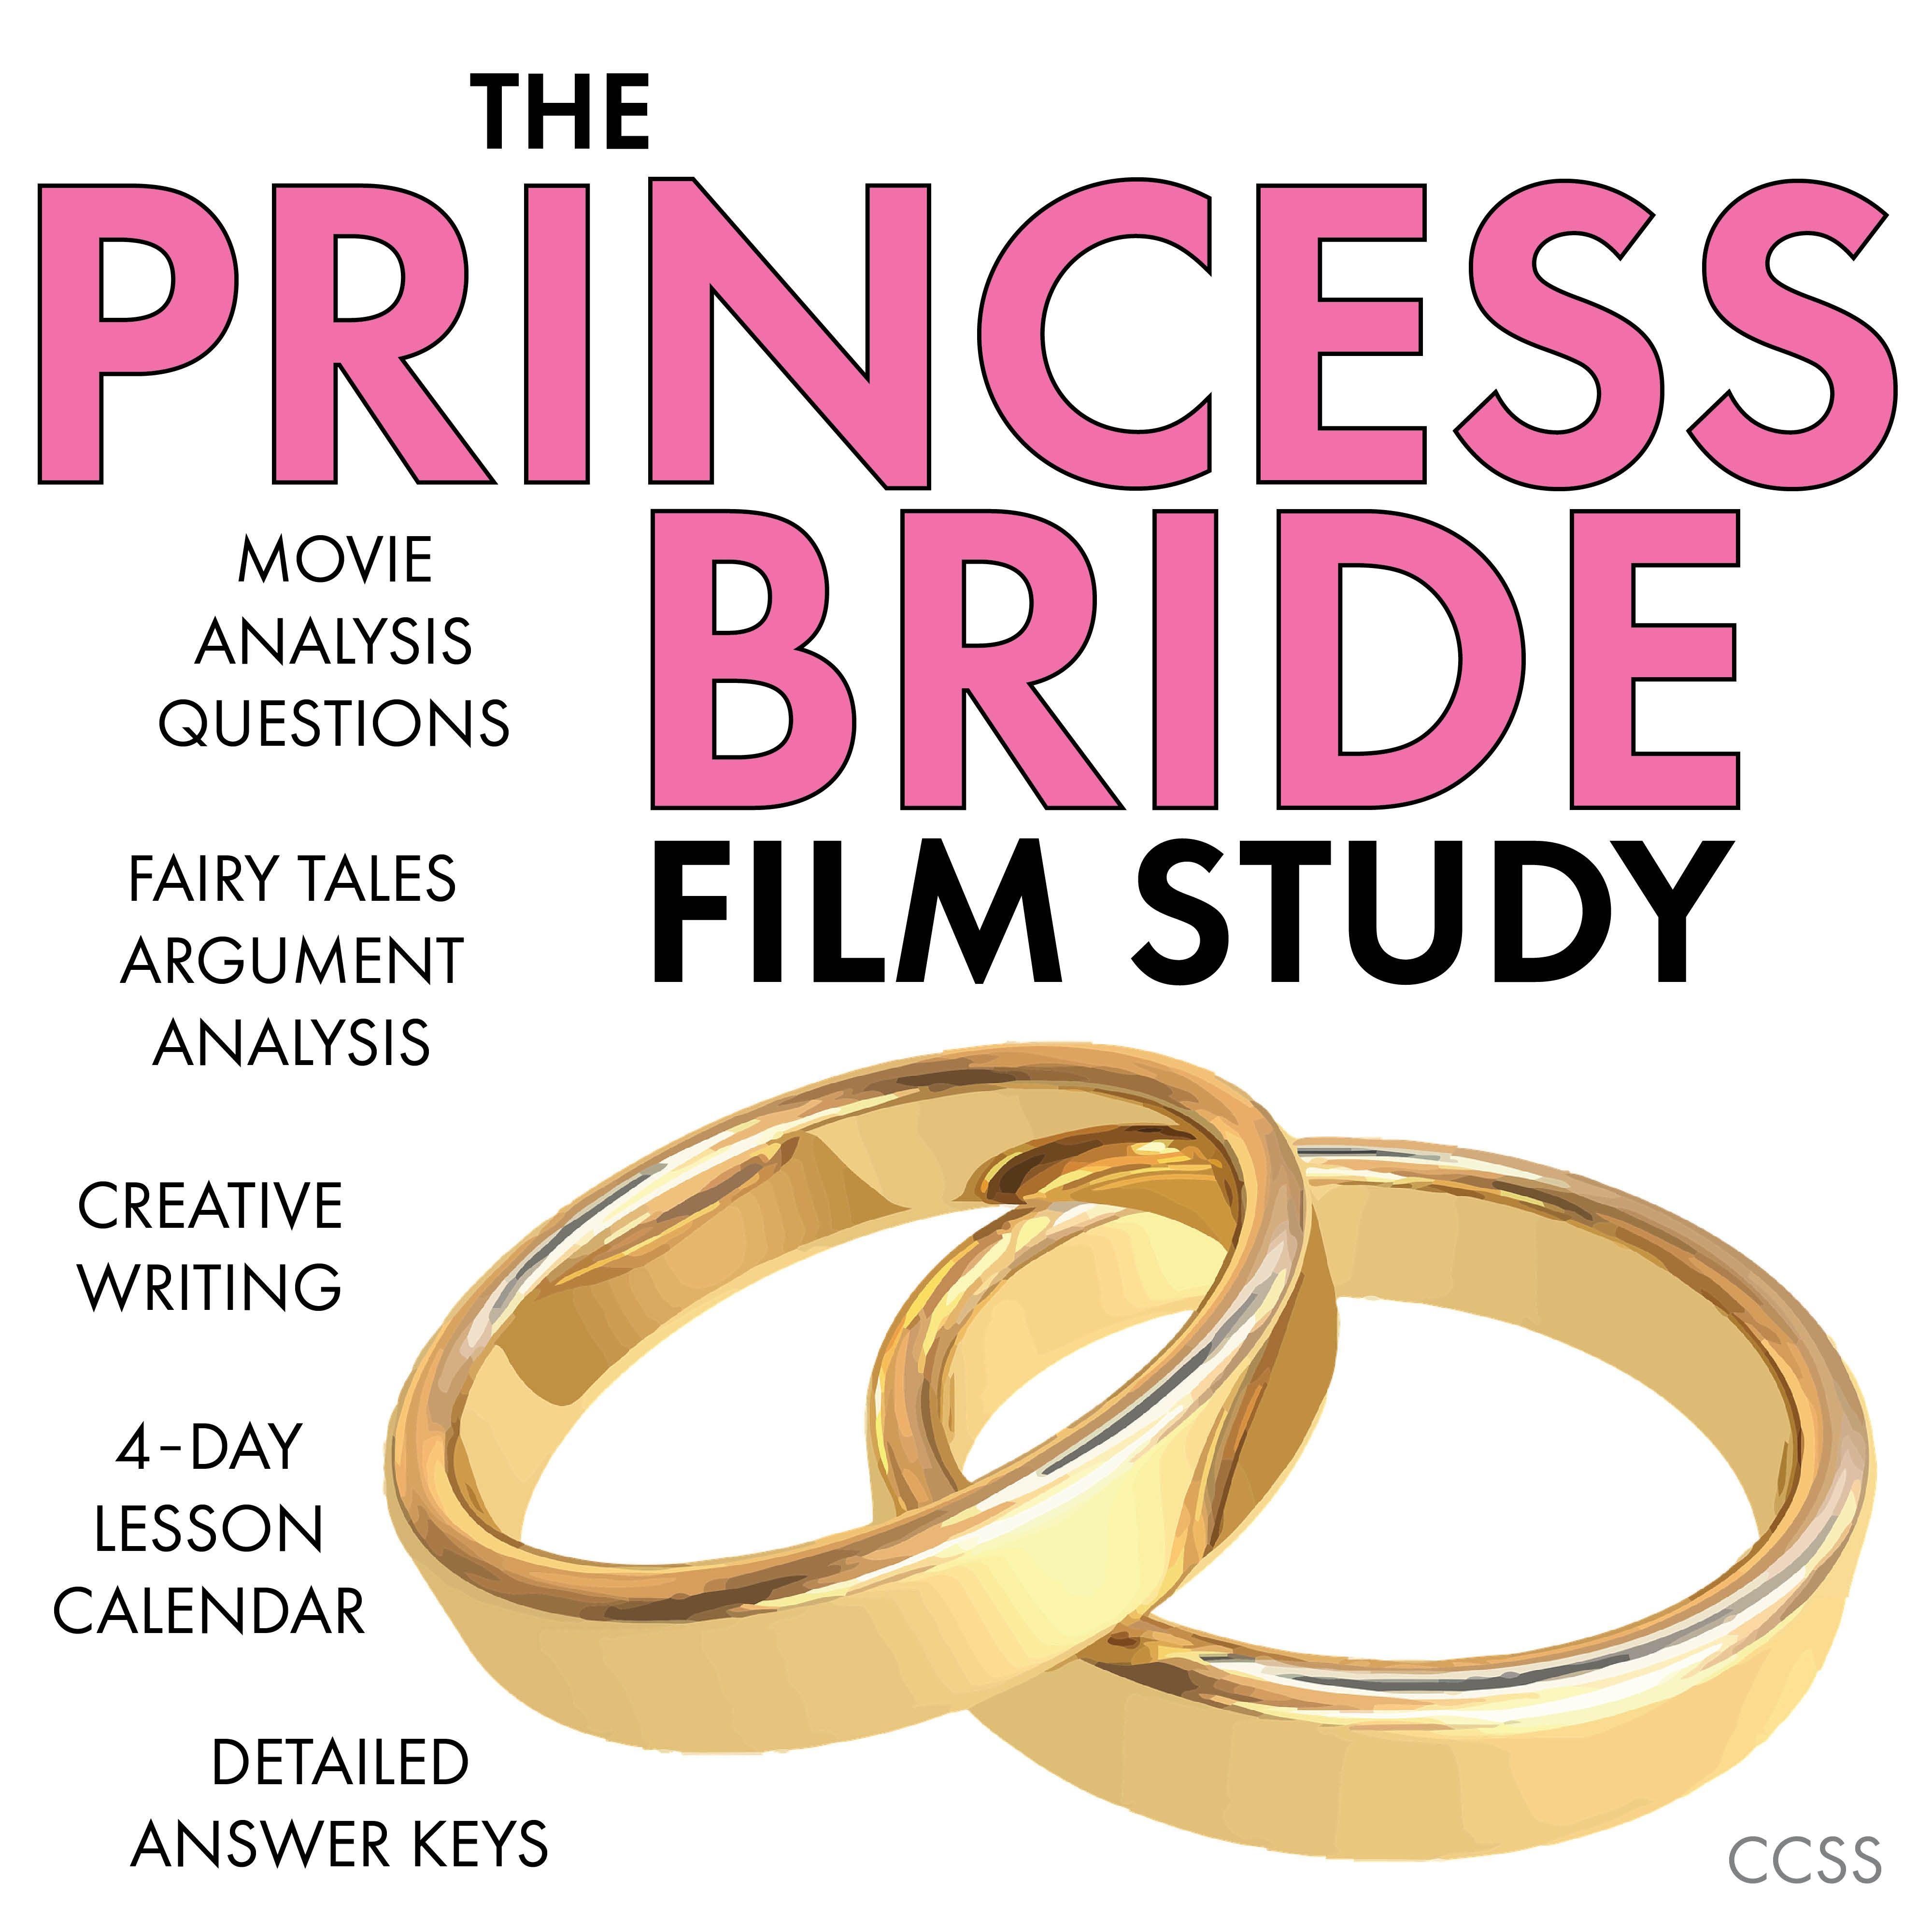 Princess Bride Film Study Add Rigor To Movie Viewing